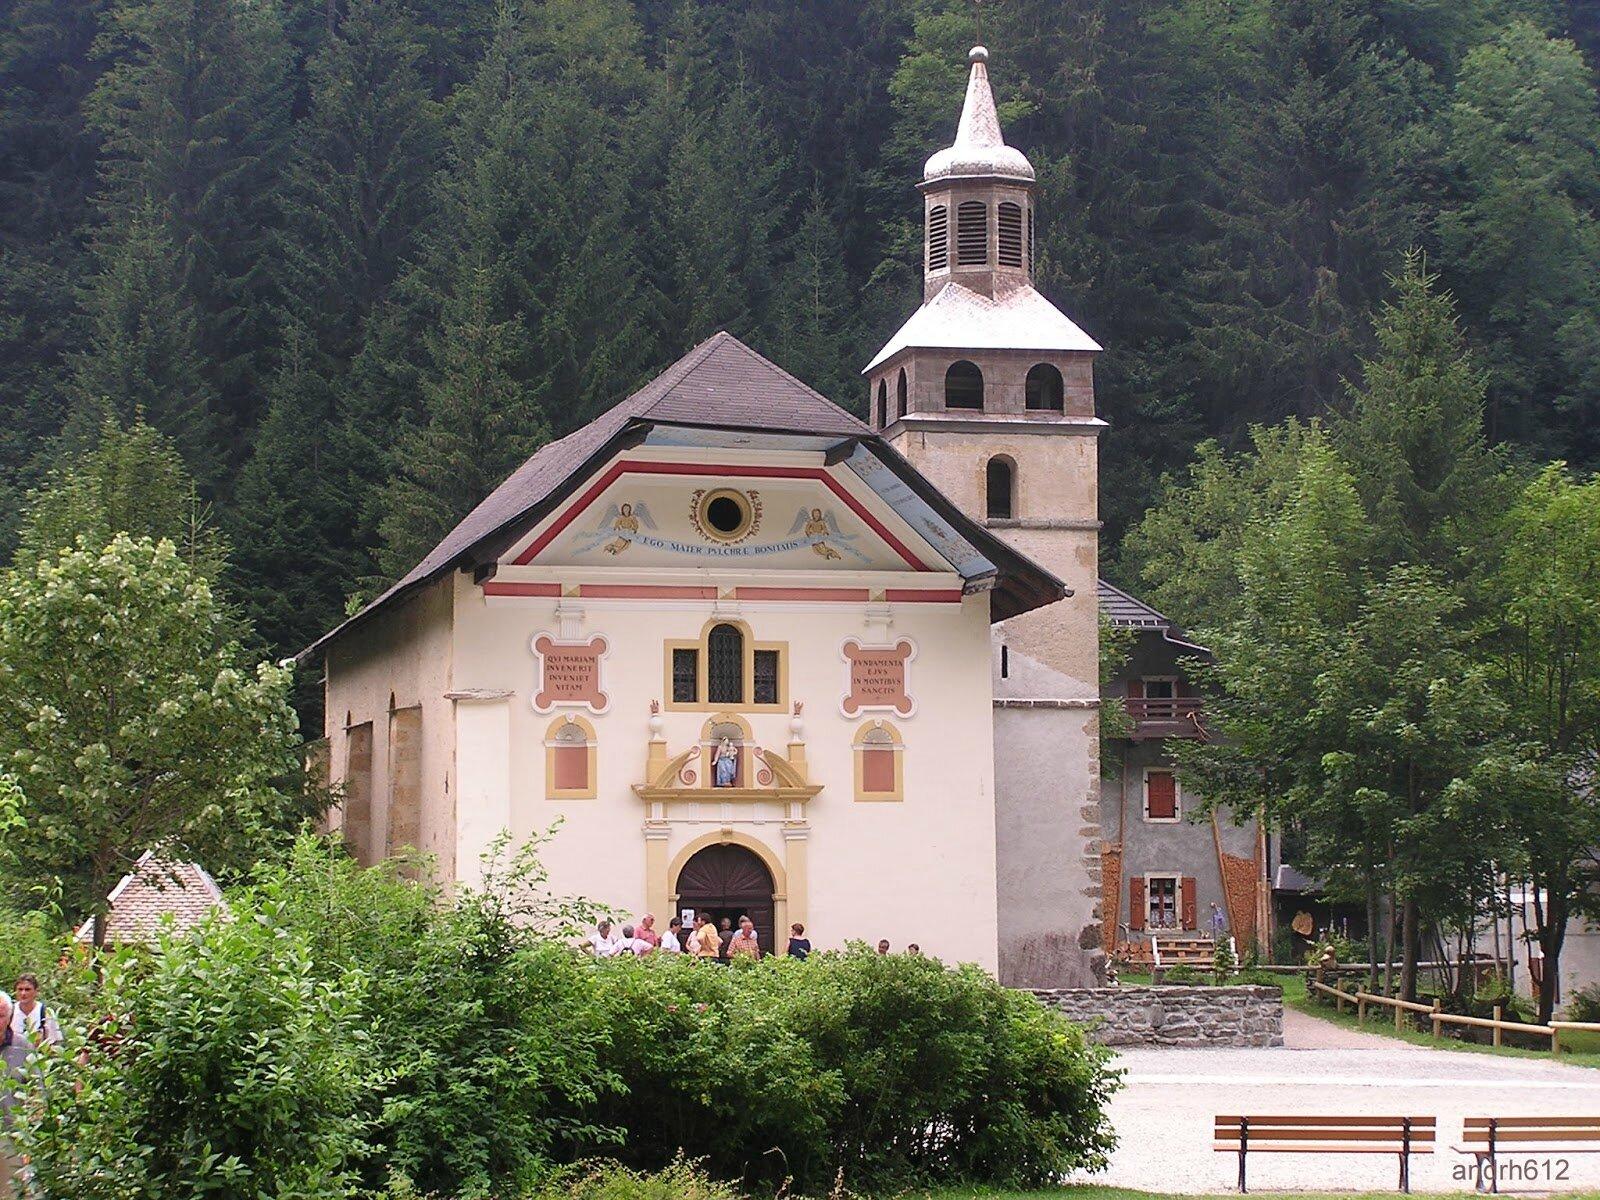 Chapelle Notre-Dame-de-la-Gorge